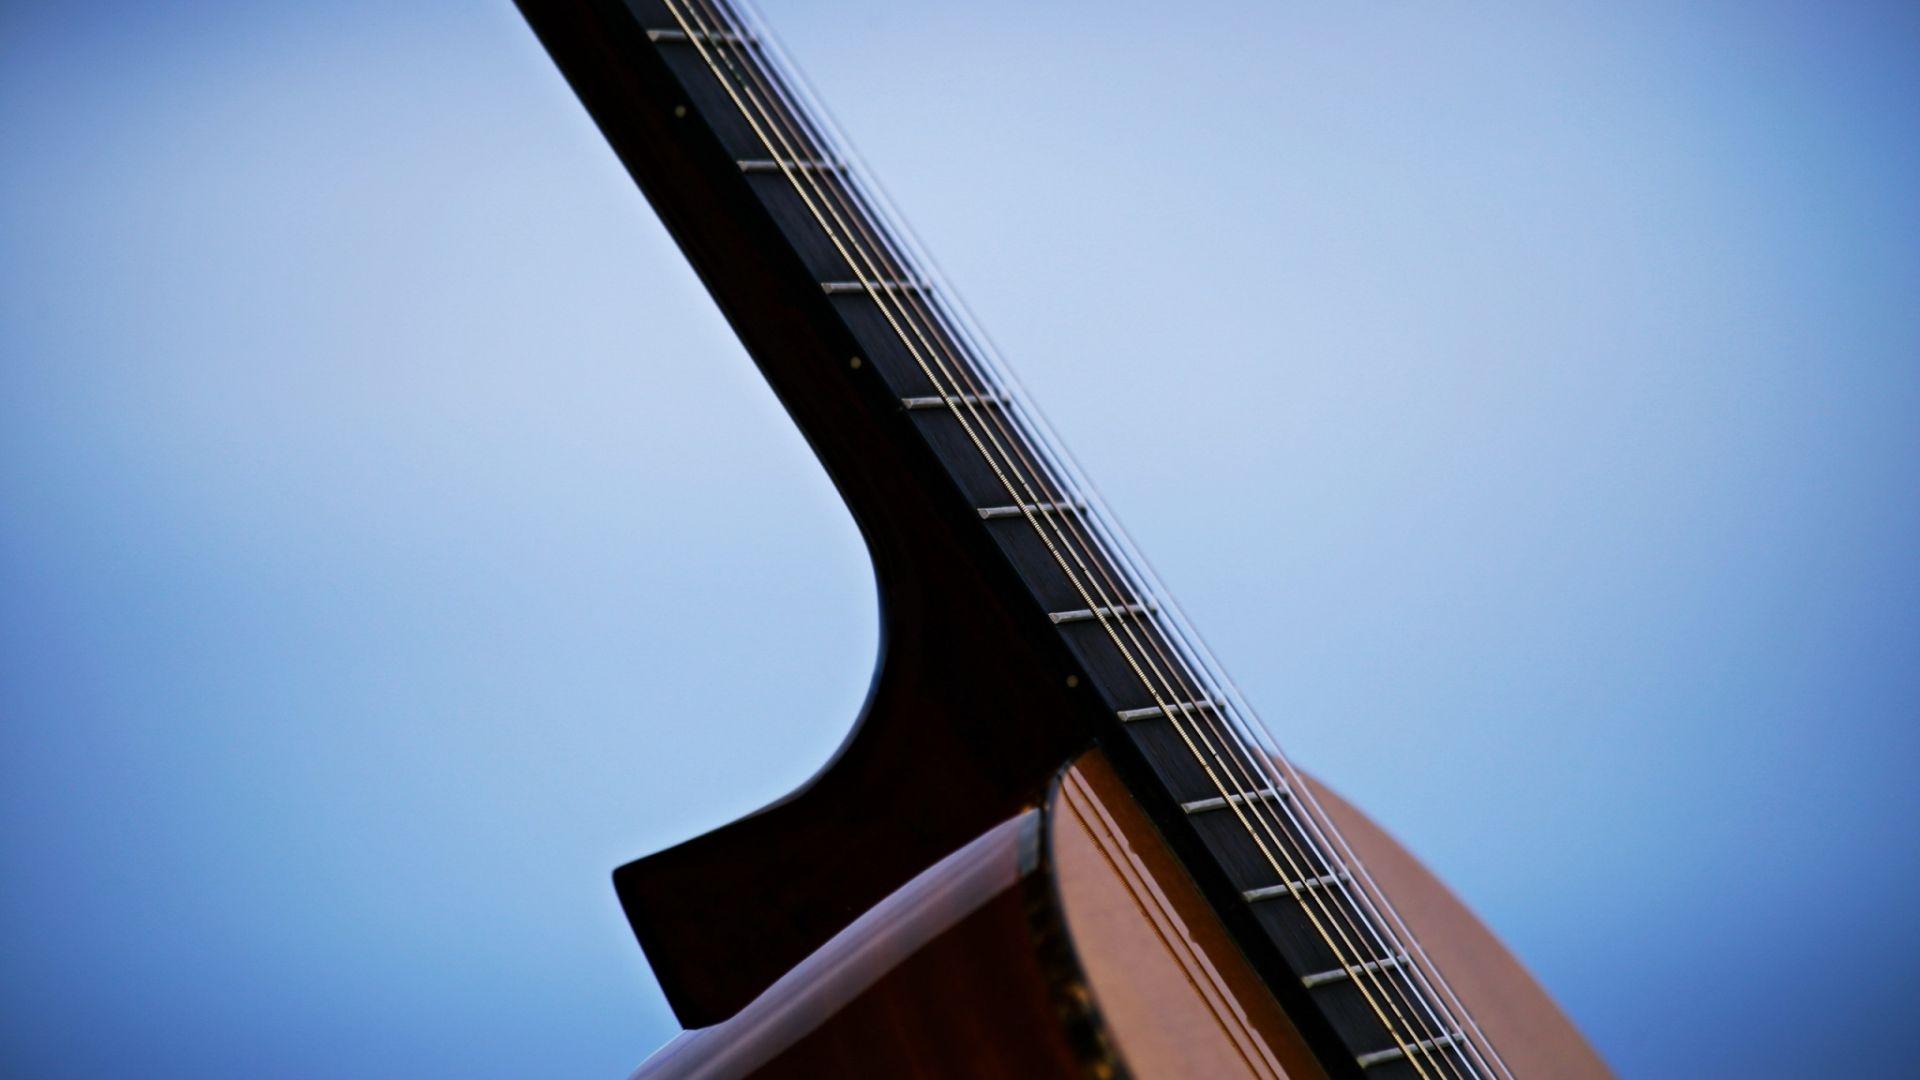 Acoustic Guitar strings, Wallpaper Image